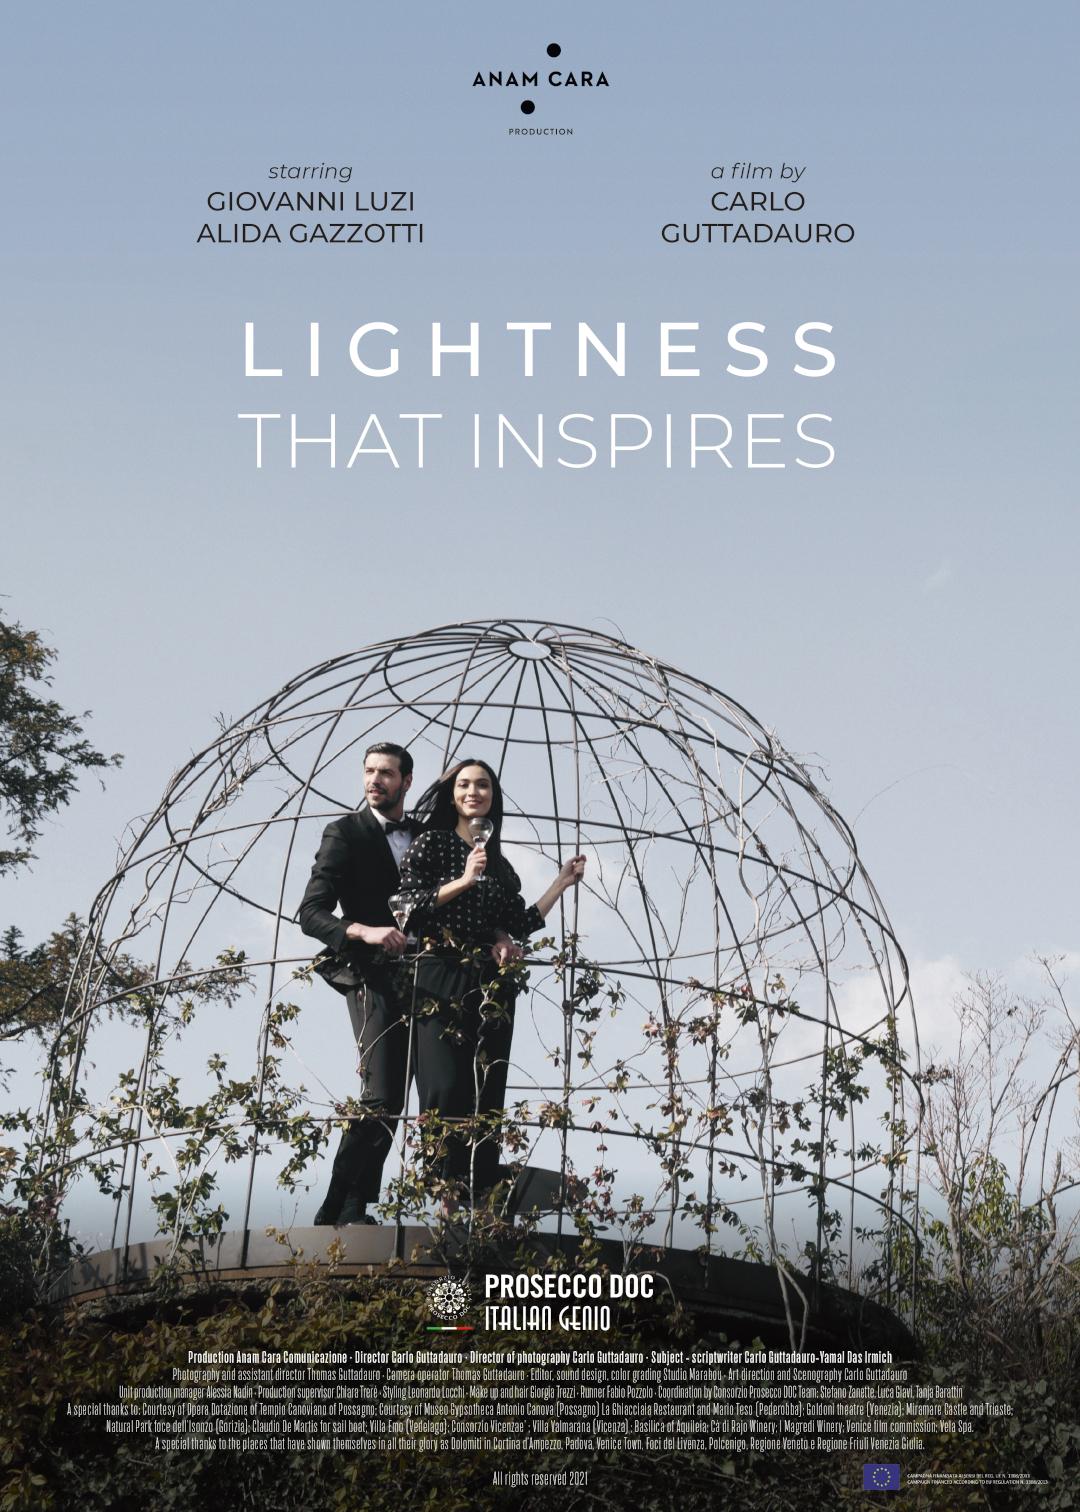 Lightness that inspires